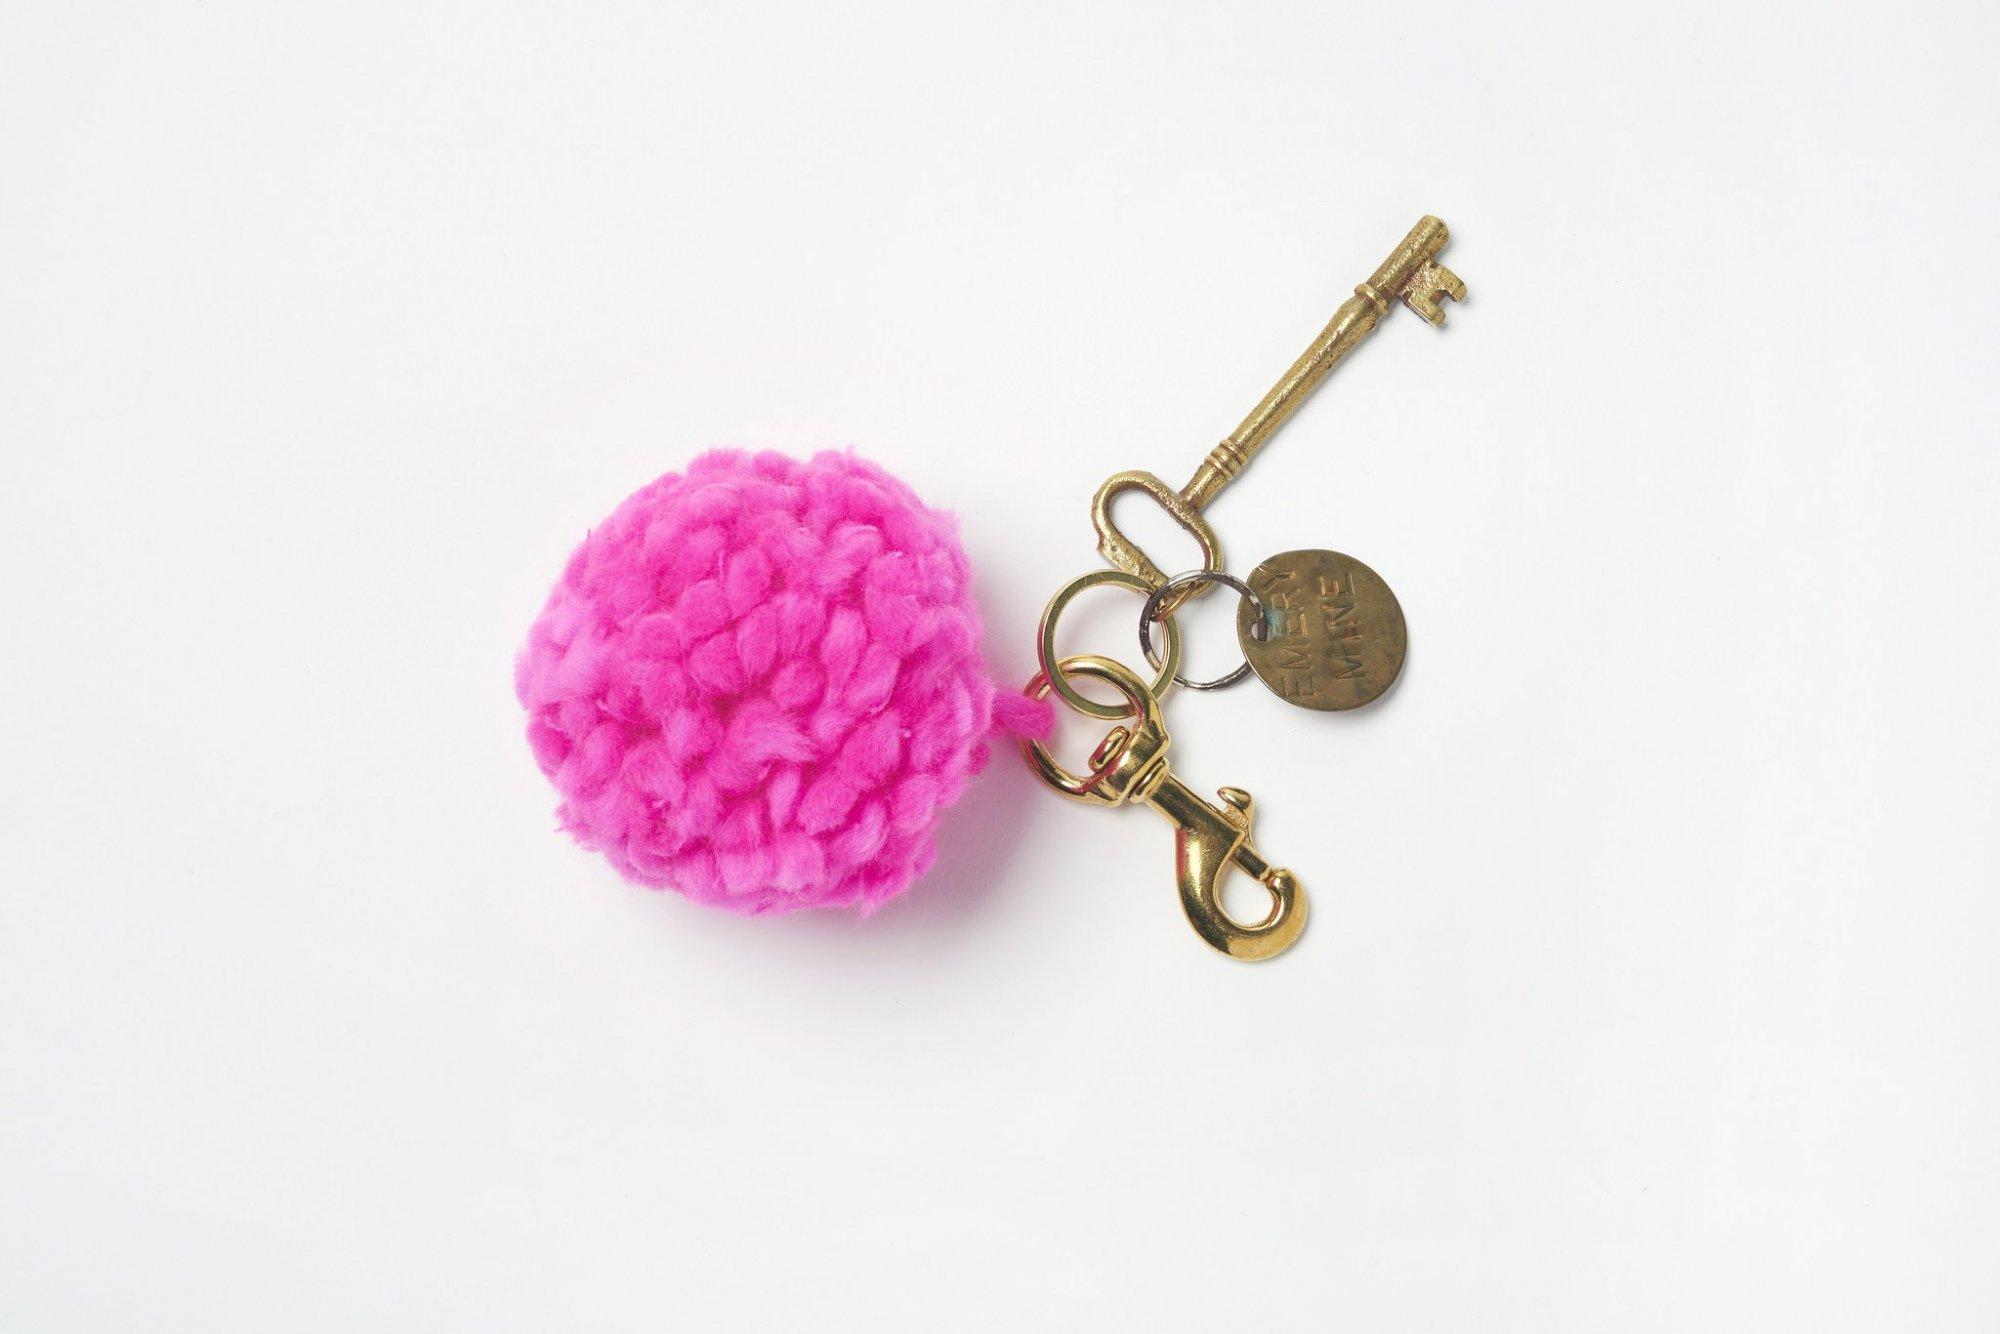 DIY Pom Pom Keychain Kit